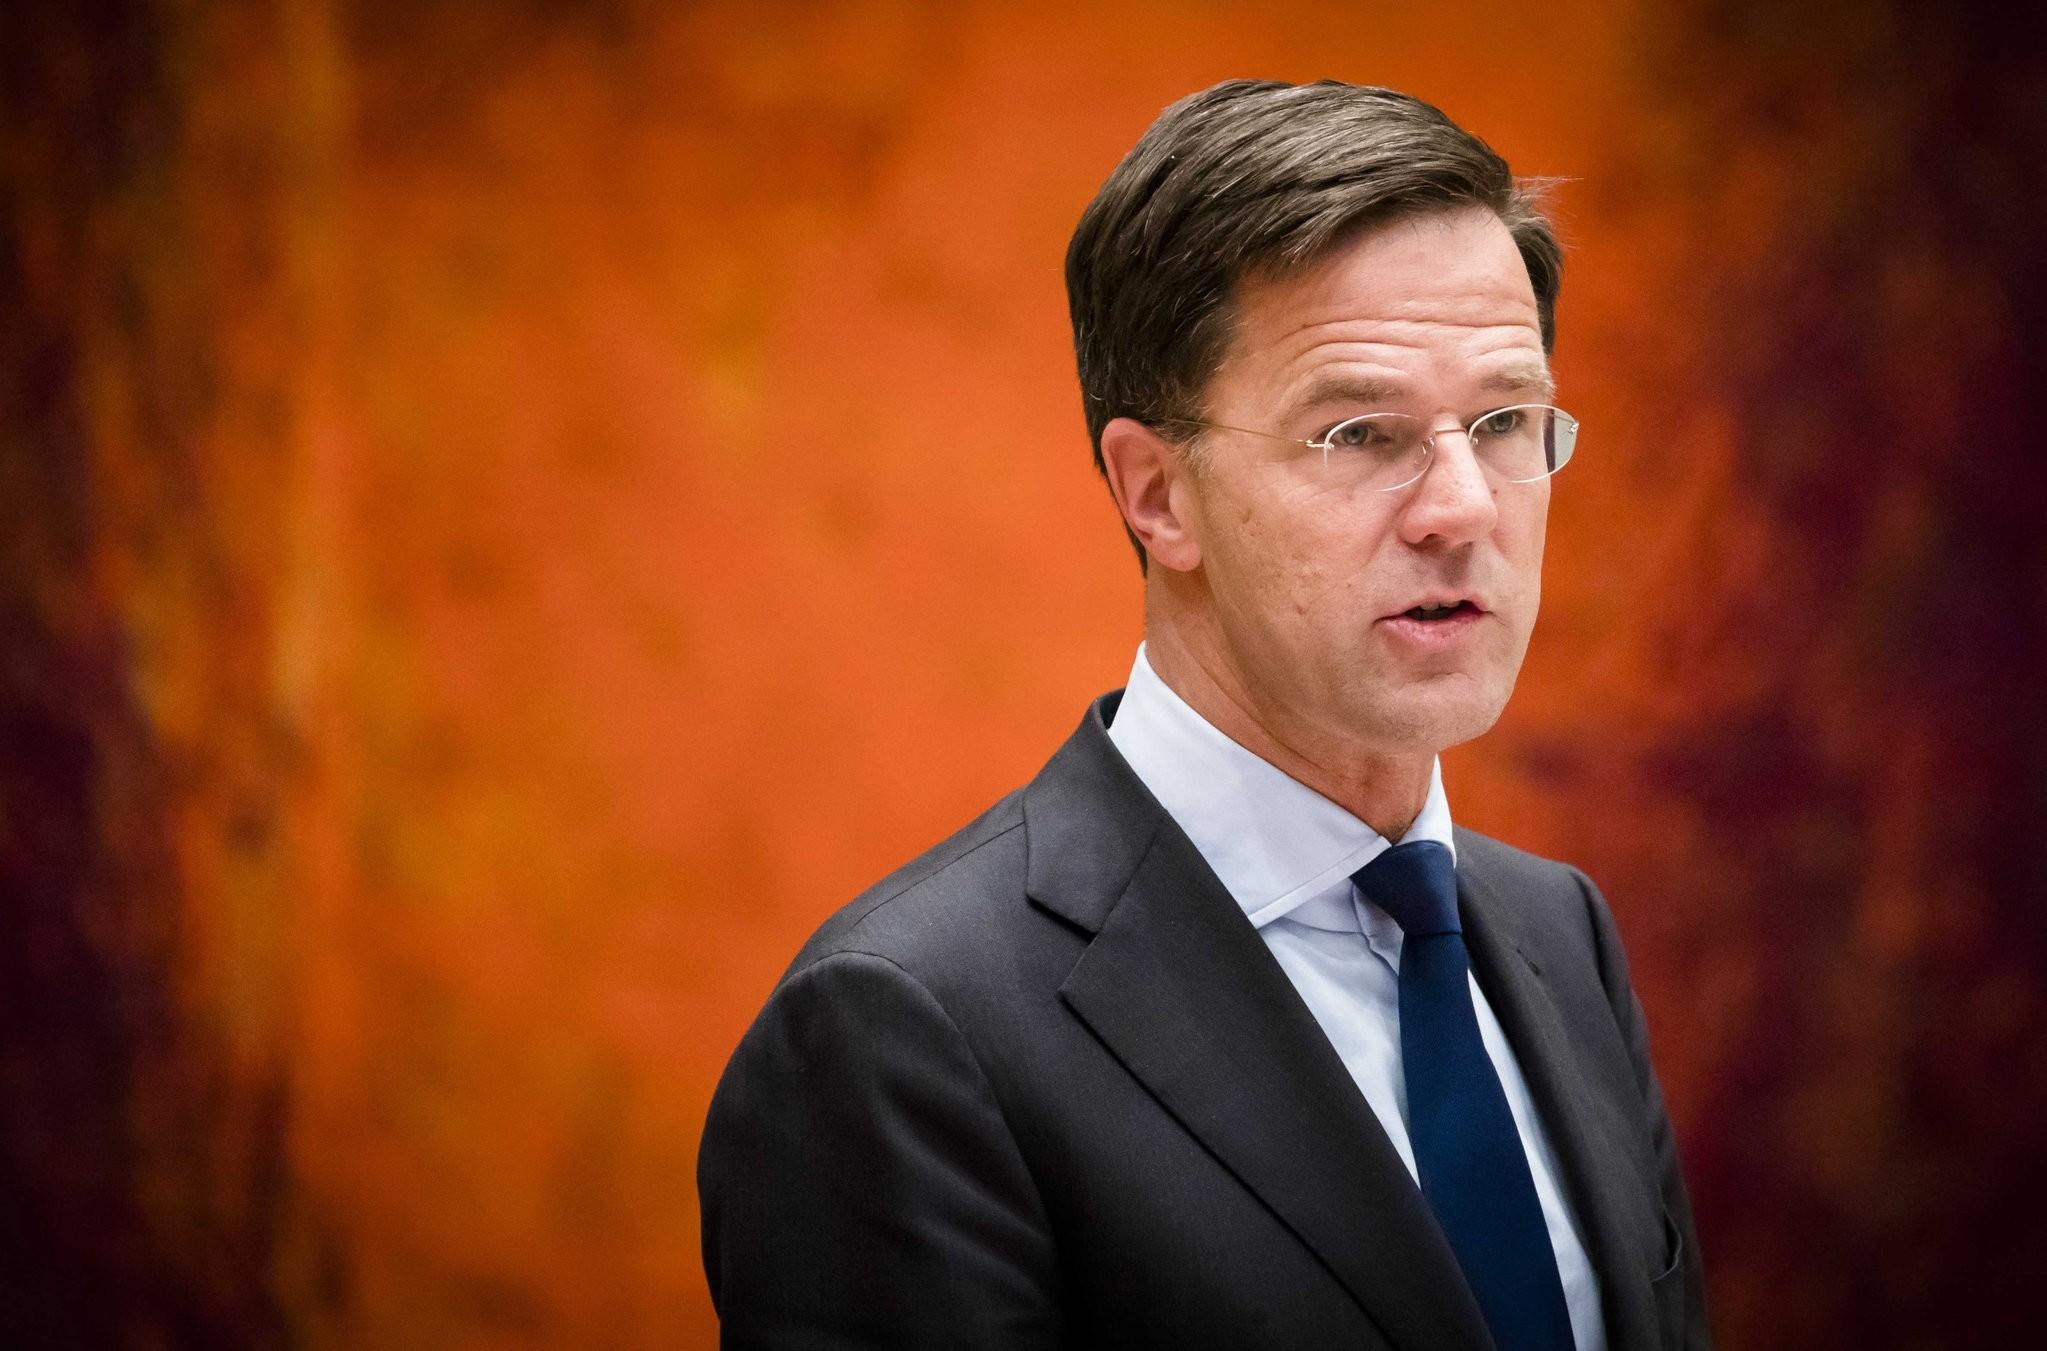 Dutch Prime Minister Mark Rutte speaks during a debate in the Dutch parliament in The Hague, December 13, 2017. (EPA Photo)